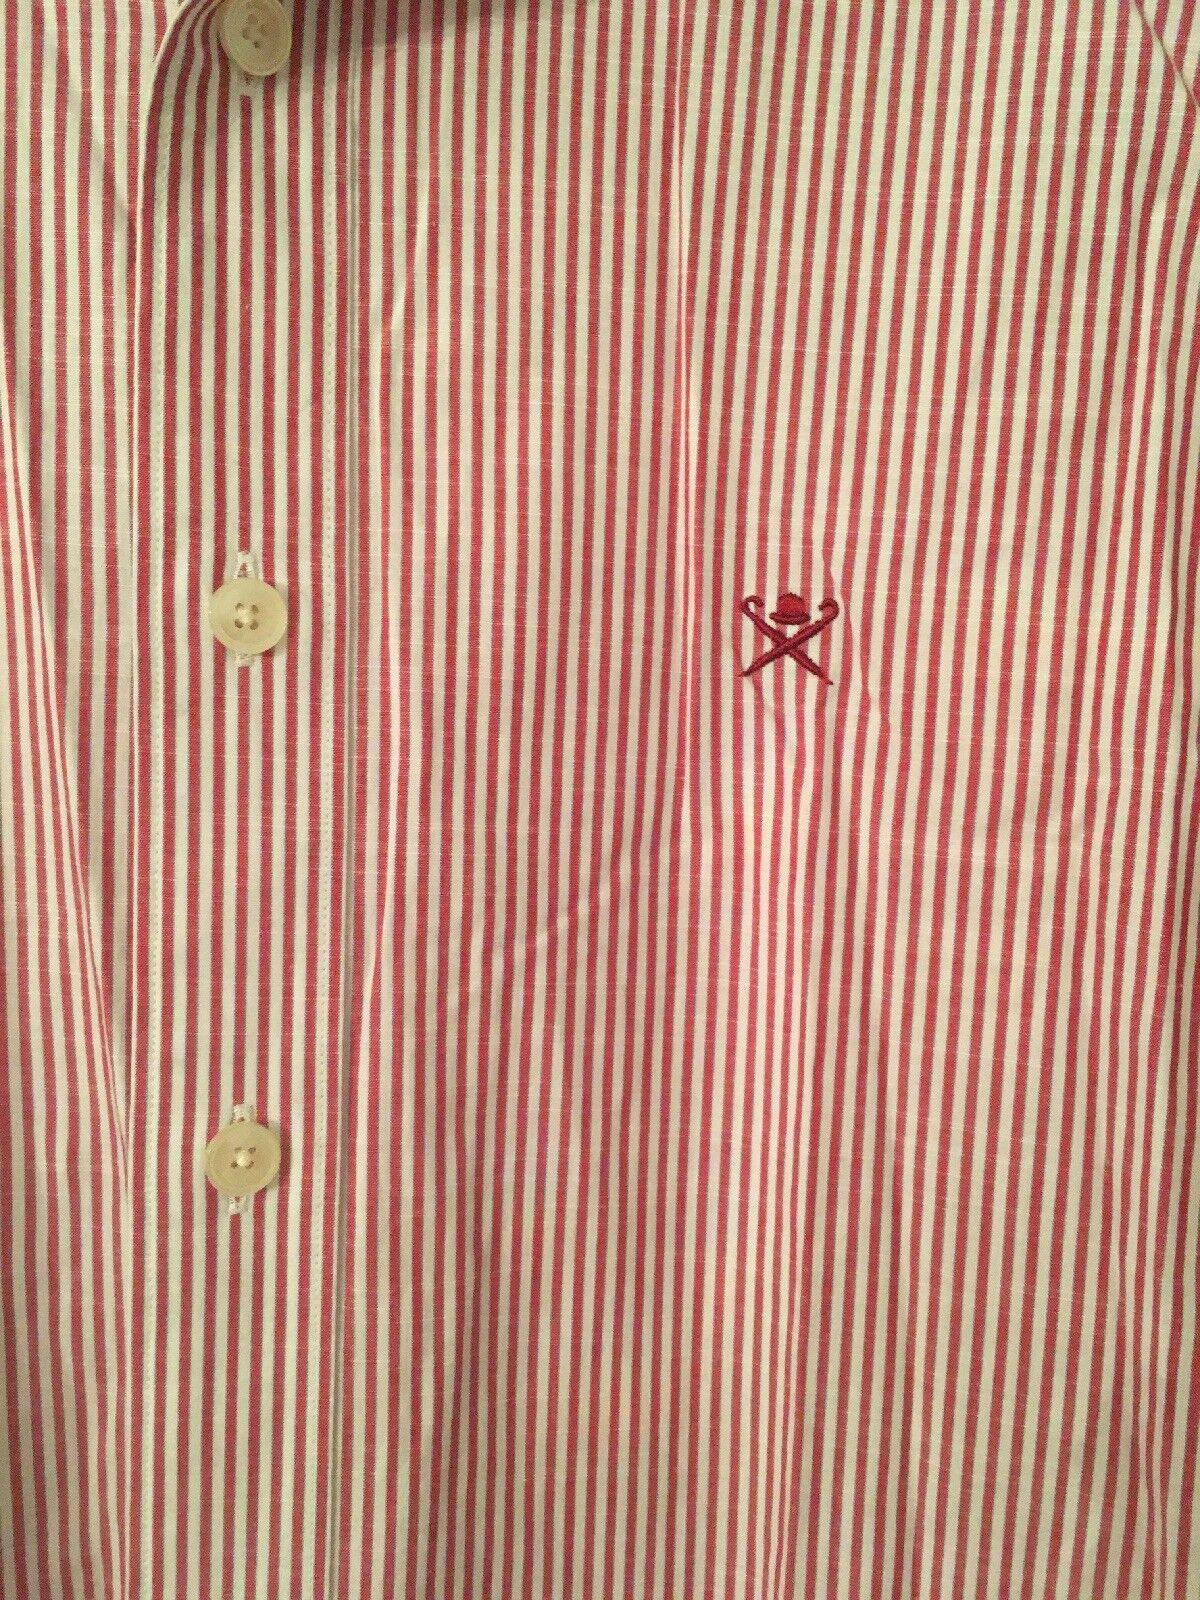 Hackett uomo VINTAGE DEL BENGALA a Righe Righe Righe Slim Fit Camicia in cotone, Medio 29b543